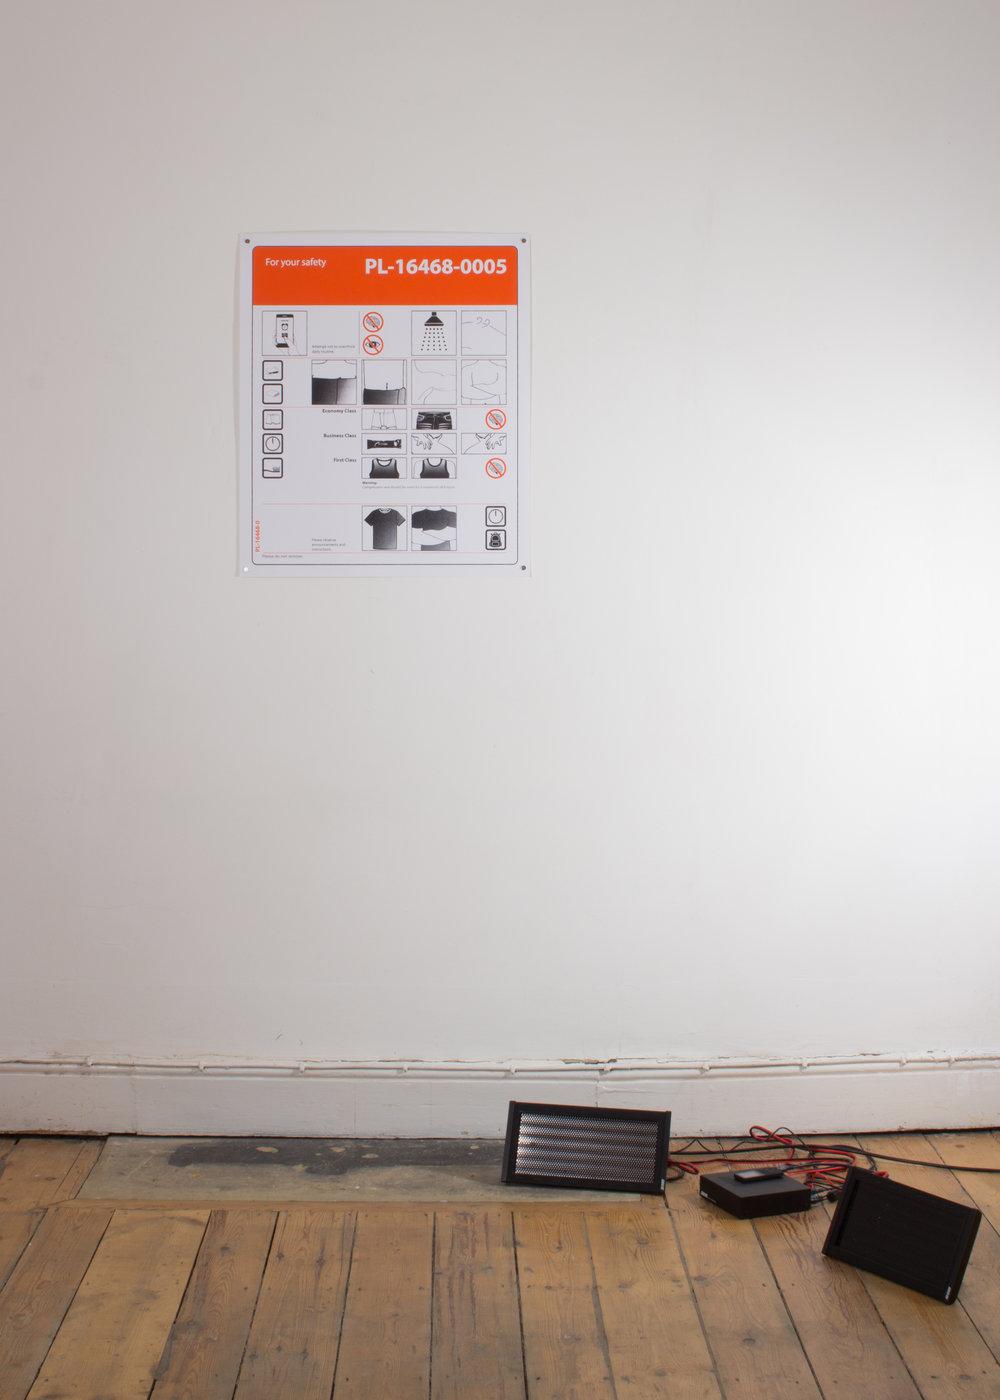 Safetycard_02.jpg